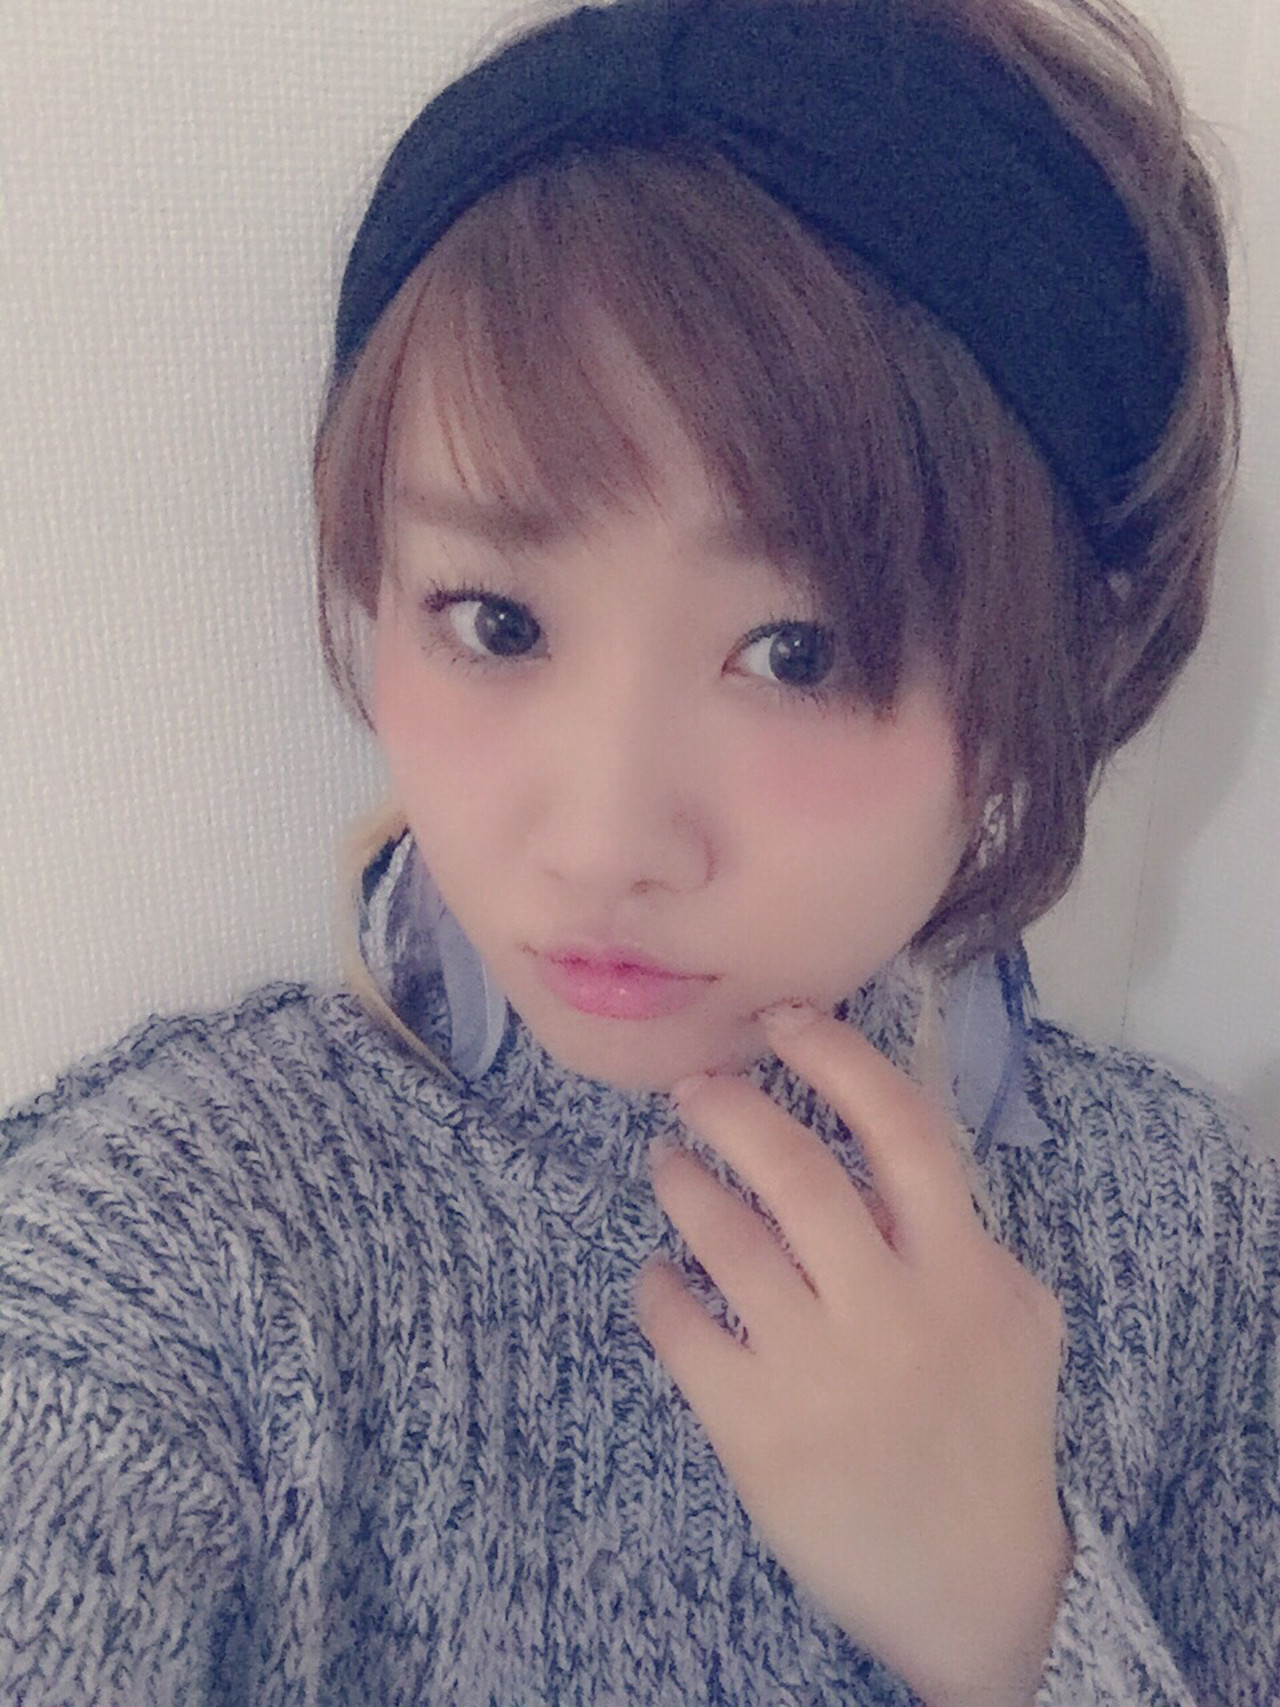 ショートヘアで真似したい!付けるだけでおしゃれ上級者なヘア小物 Ayumi